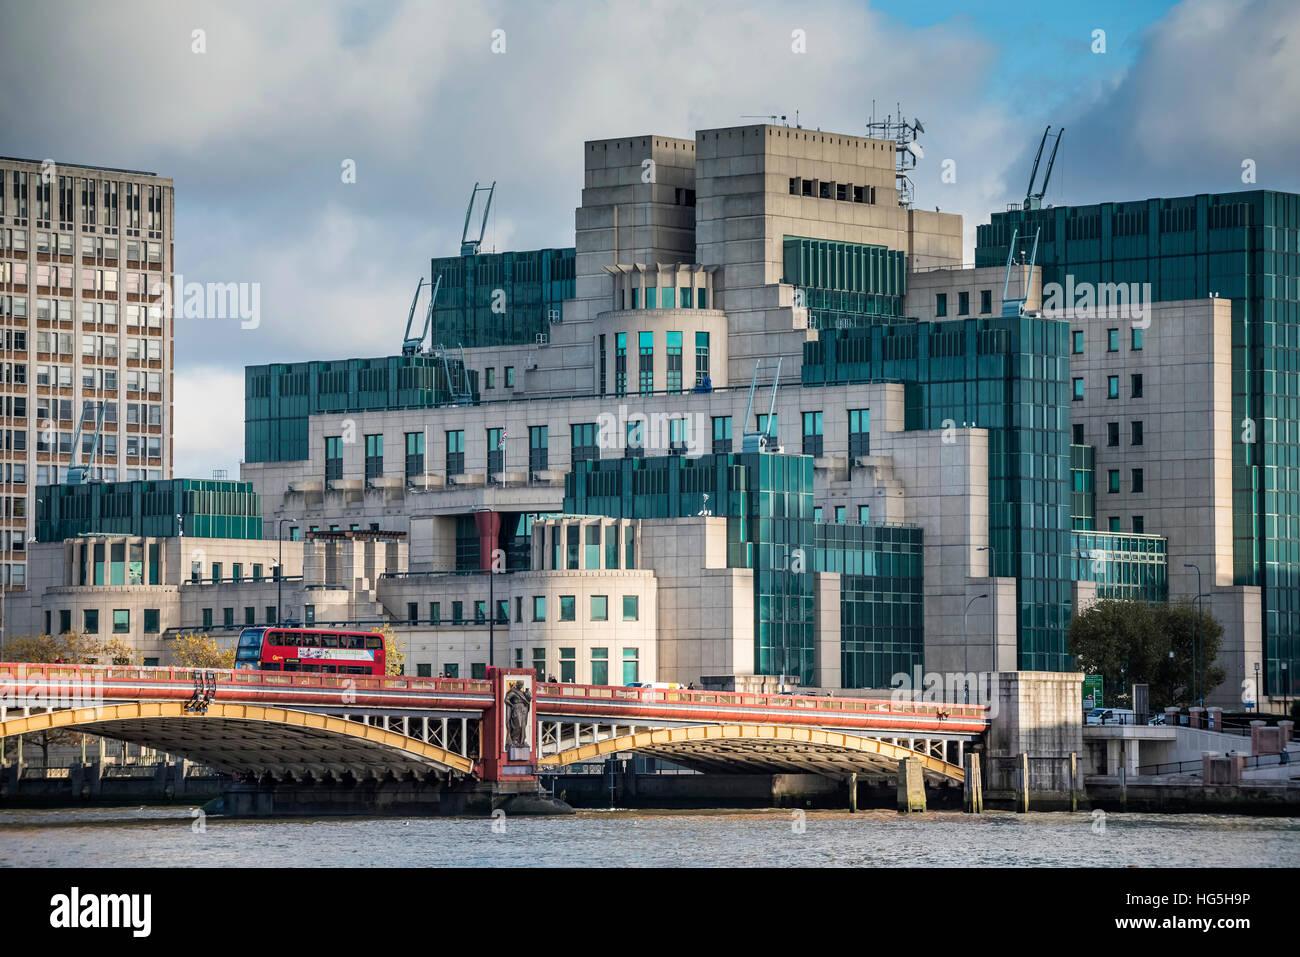 SIS bauen wohnen MI5 und MI6 Secret Service, London Stockfoto, Bild ...